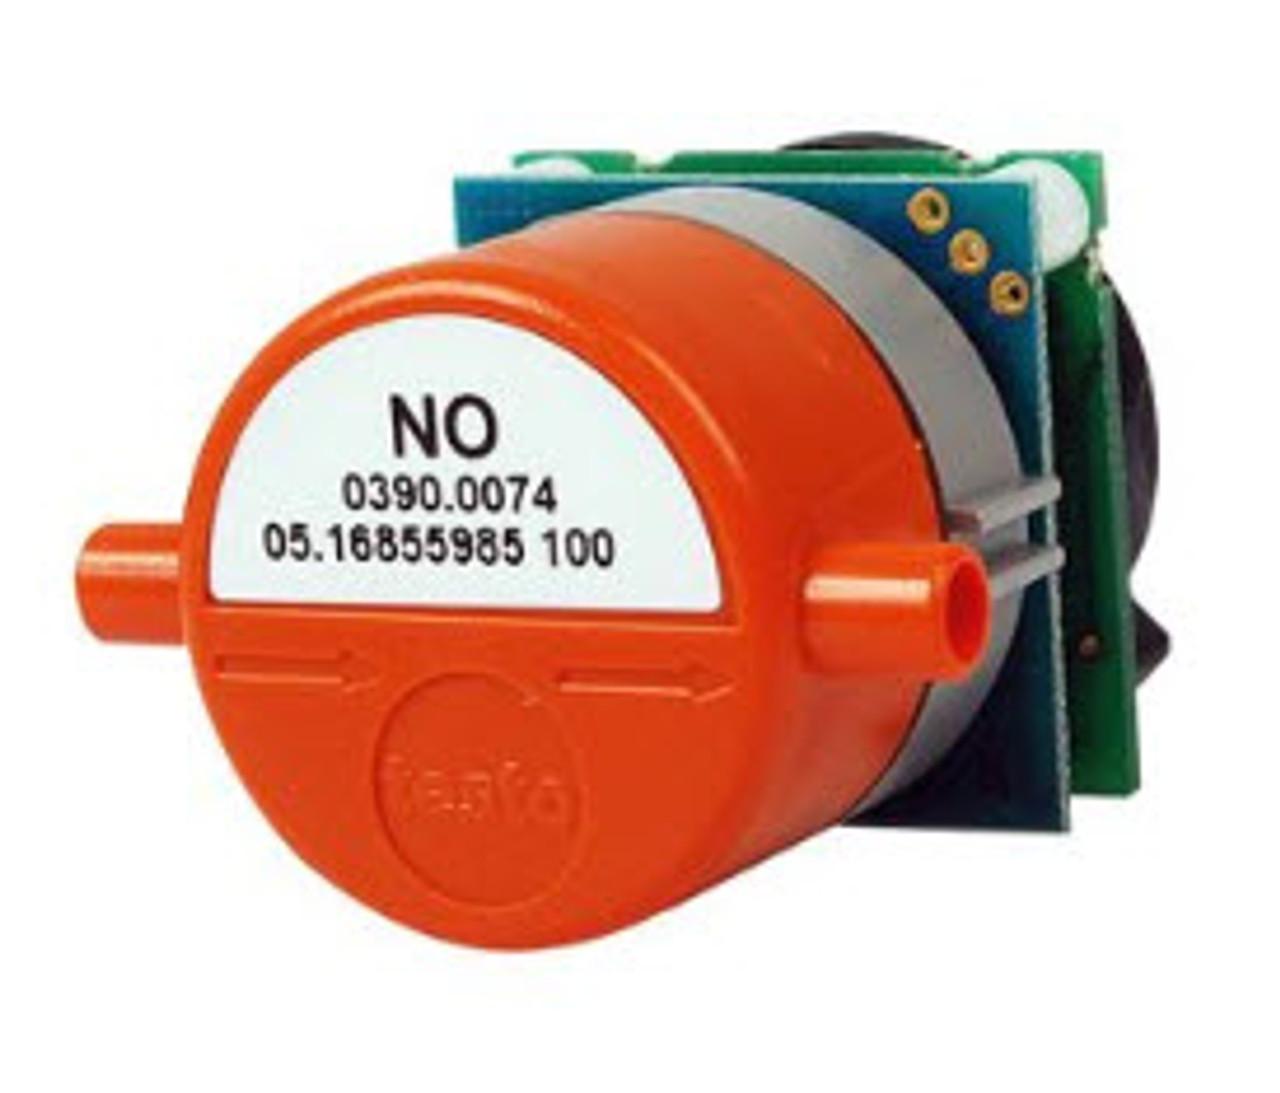 NO spare measuring cell Testo 0390.0074